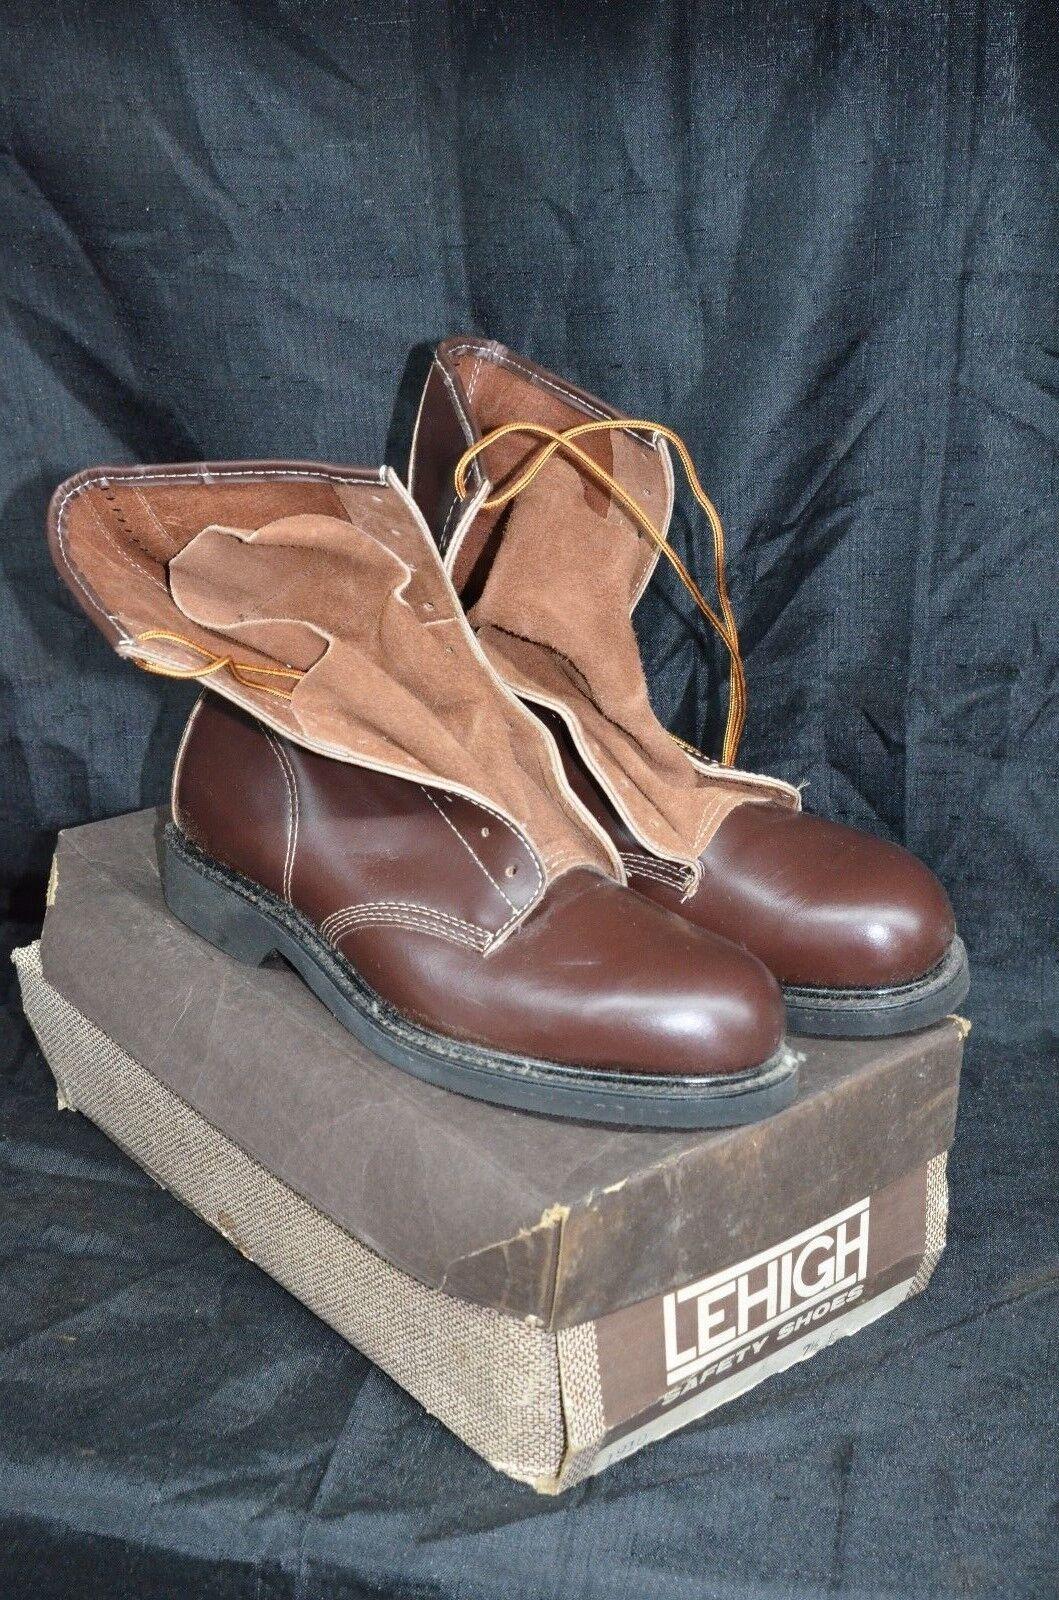 Nos puntera de seguridad Lehigh 1910 eléctricos peligro botas Hombre  2 e Leather Usa